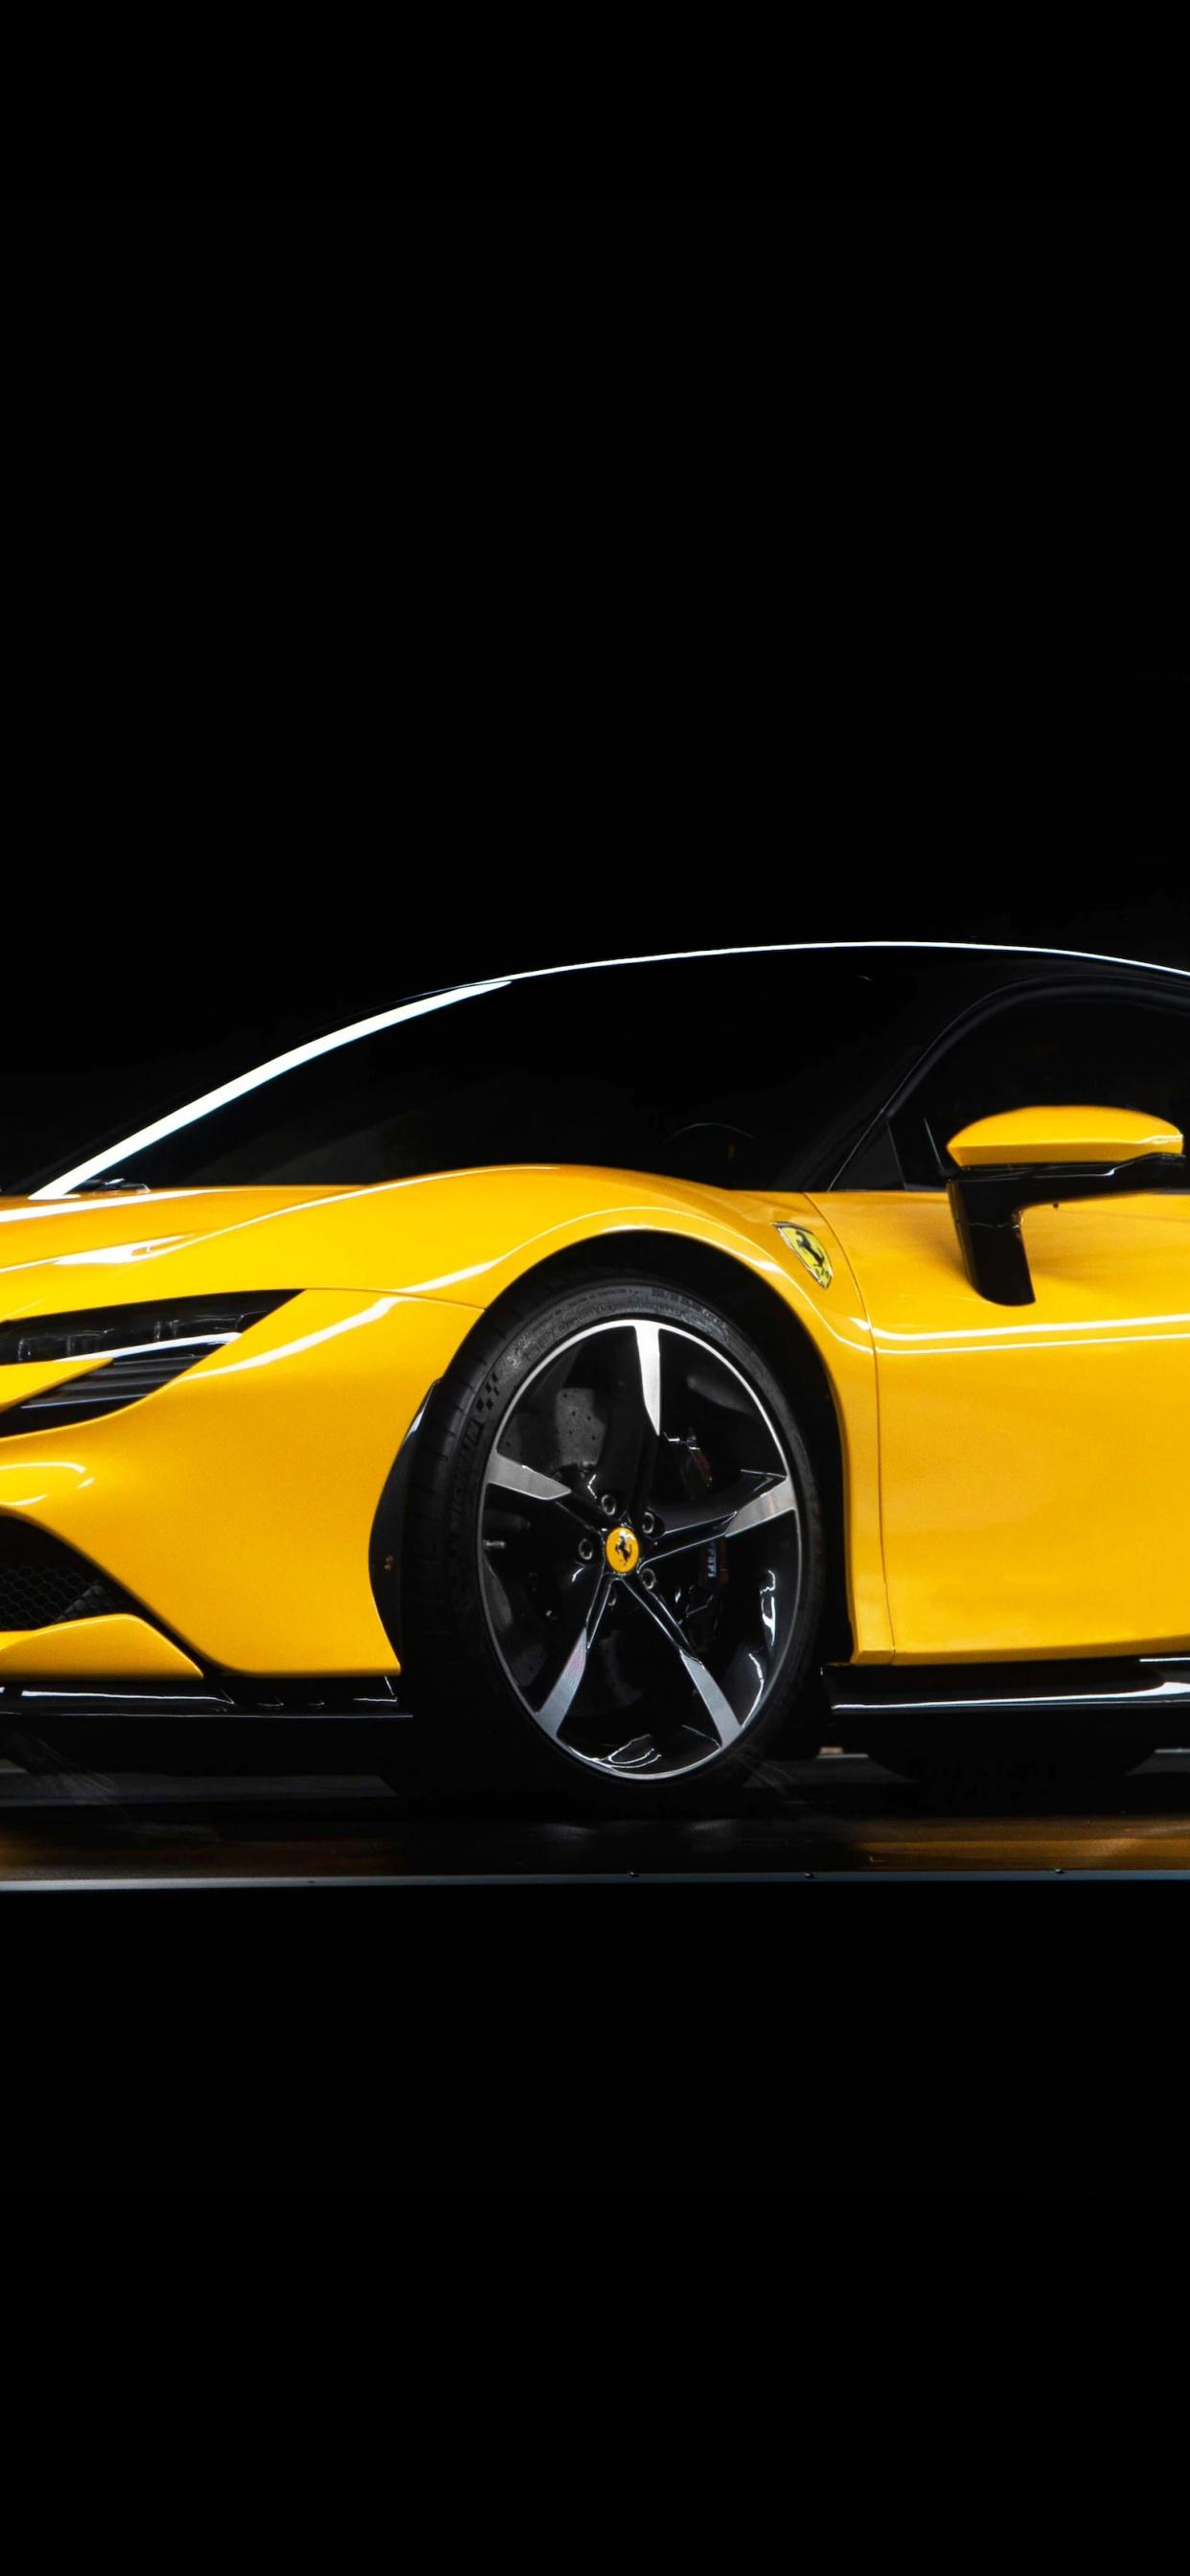 Ferrari SF90 Stradale 4K Wallpaper, Hybrid cars, Sports ...